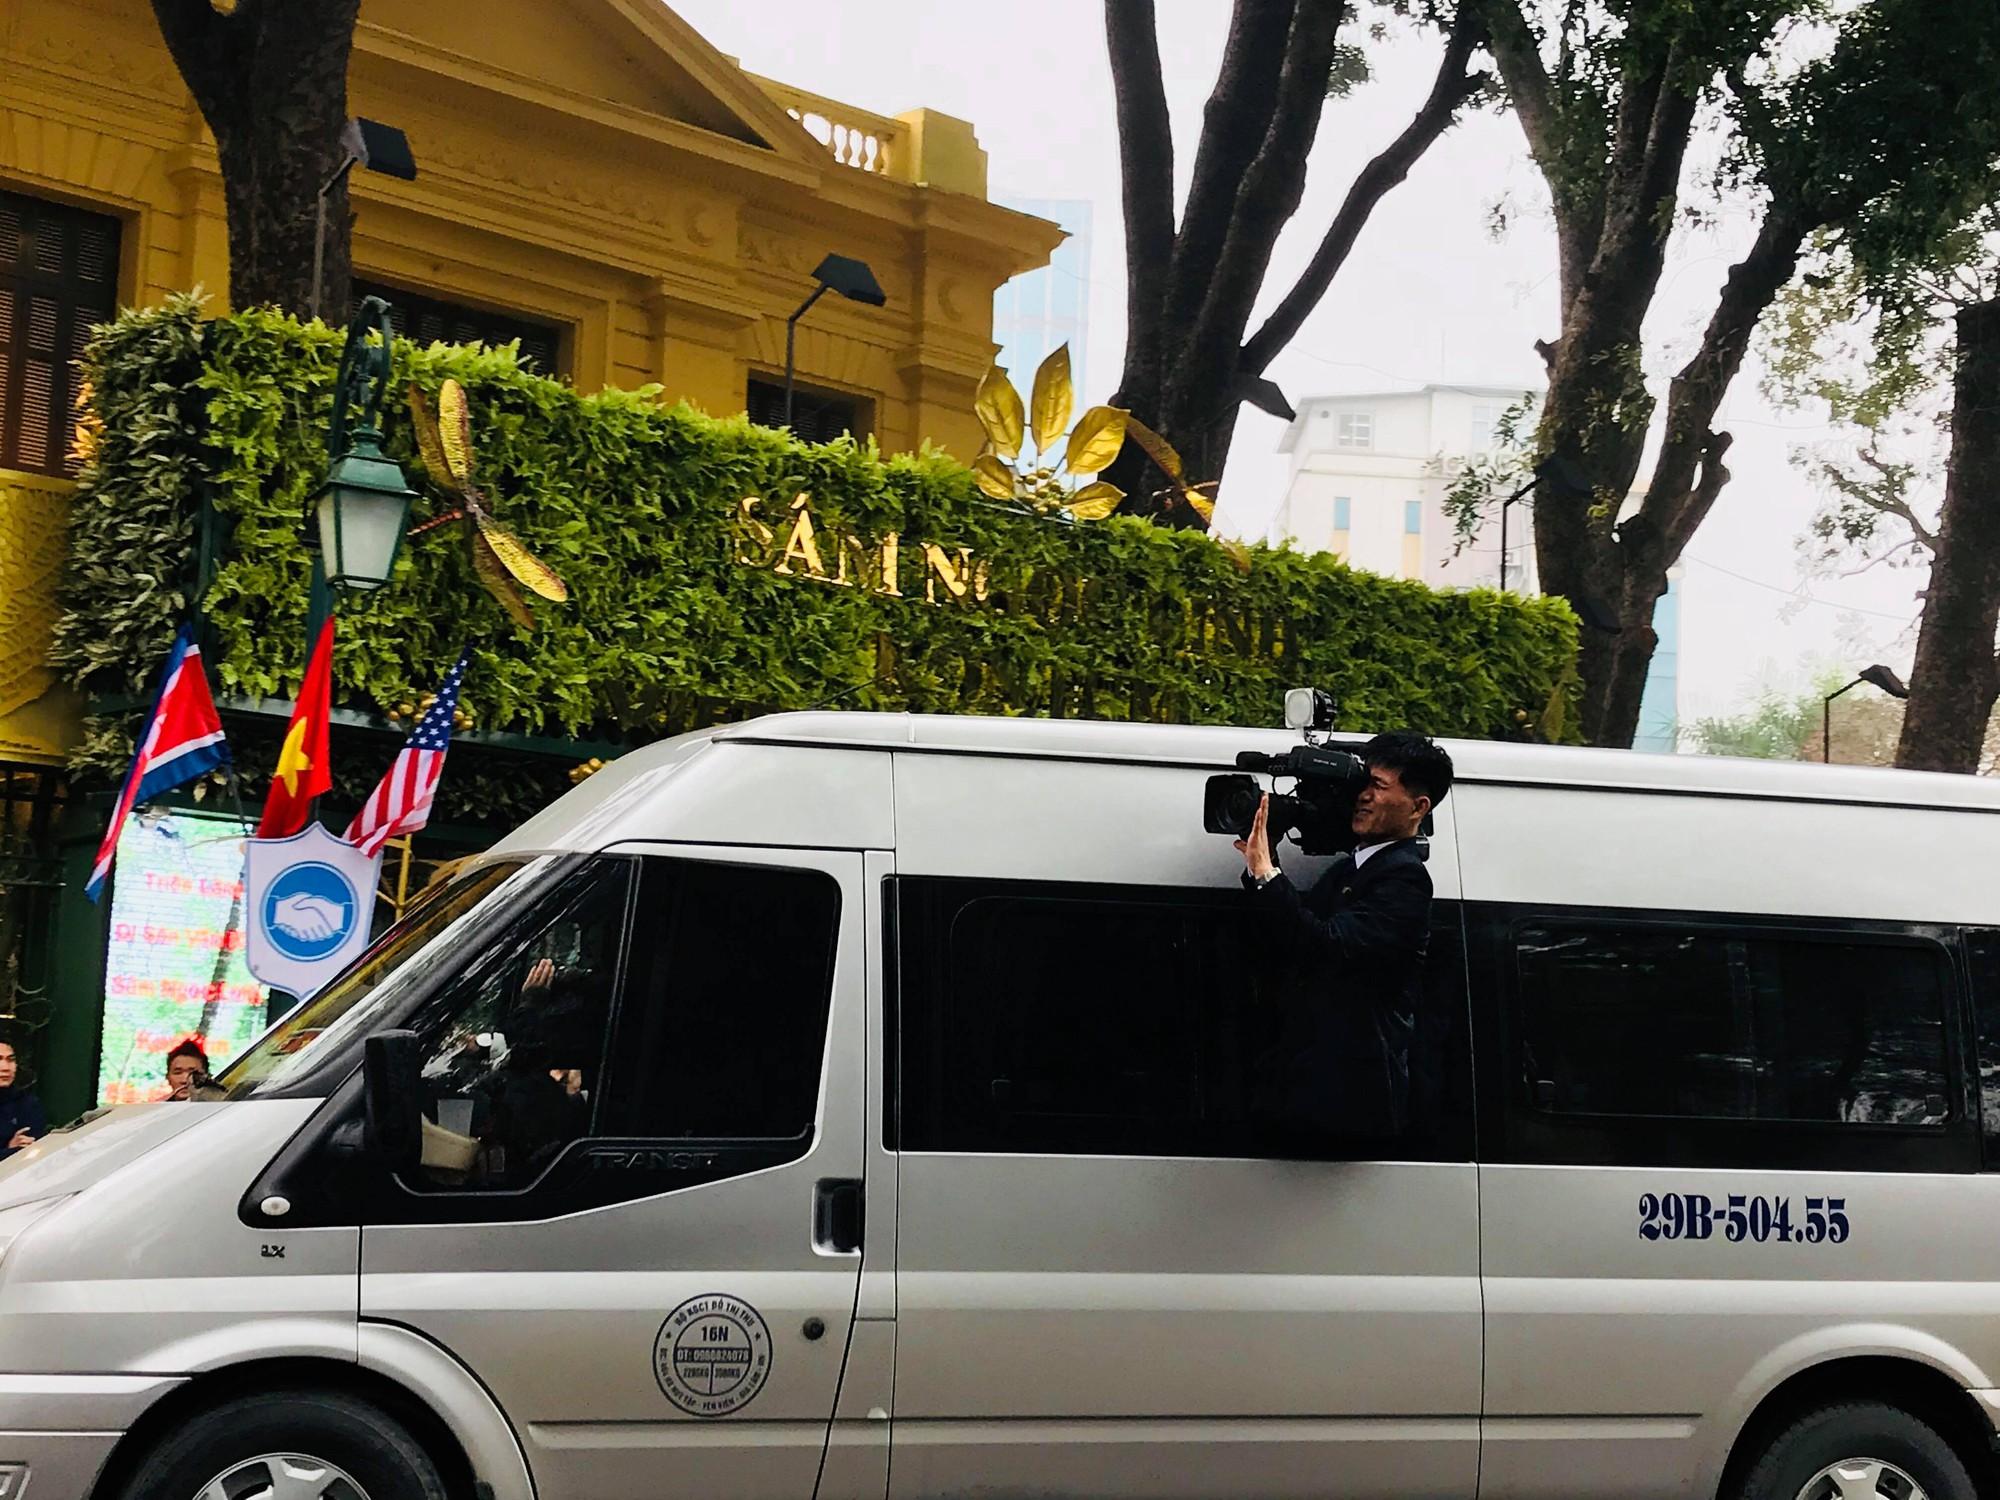 Toàn cảnh đón Chủ tịch Triều Tiên Kim Jong-un tại Việt Nam - Ảnh 23.